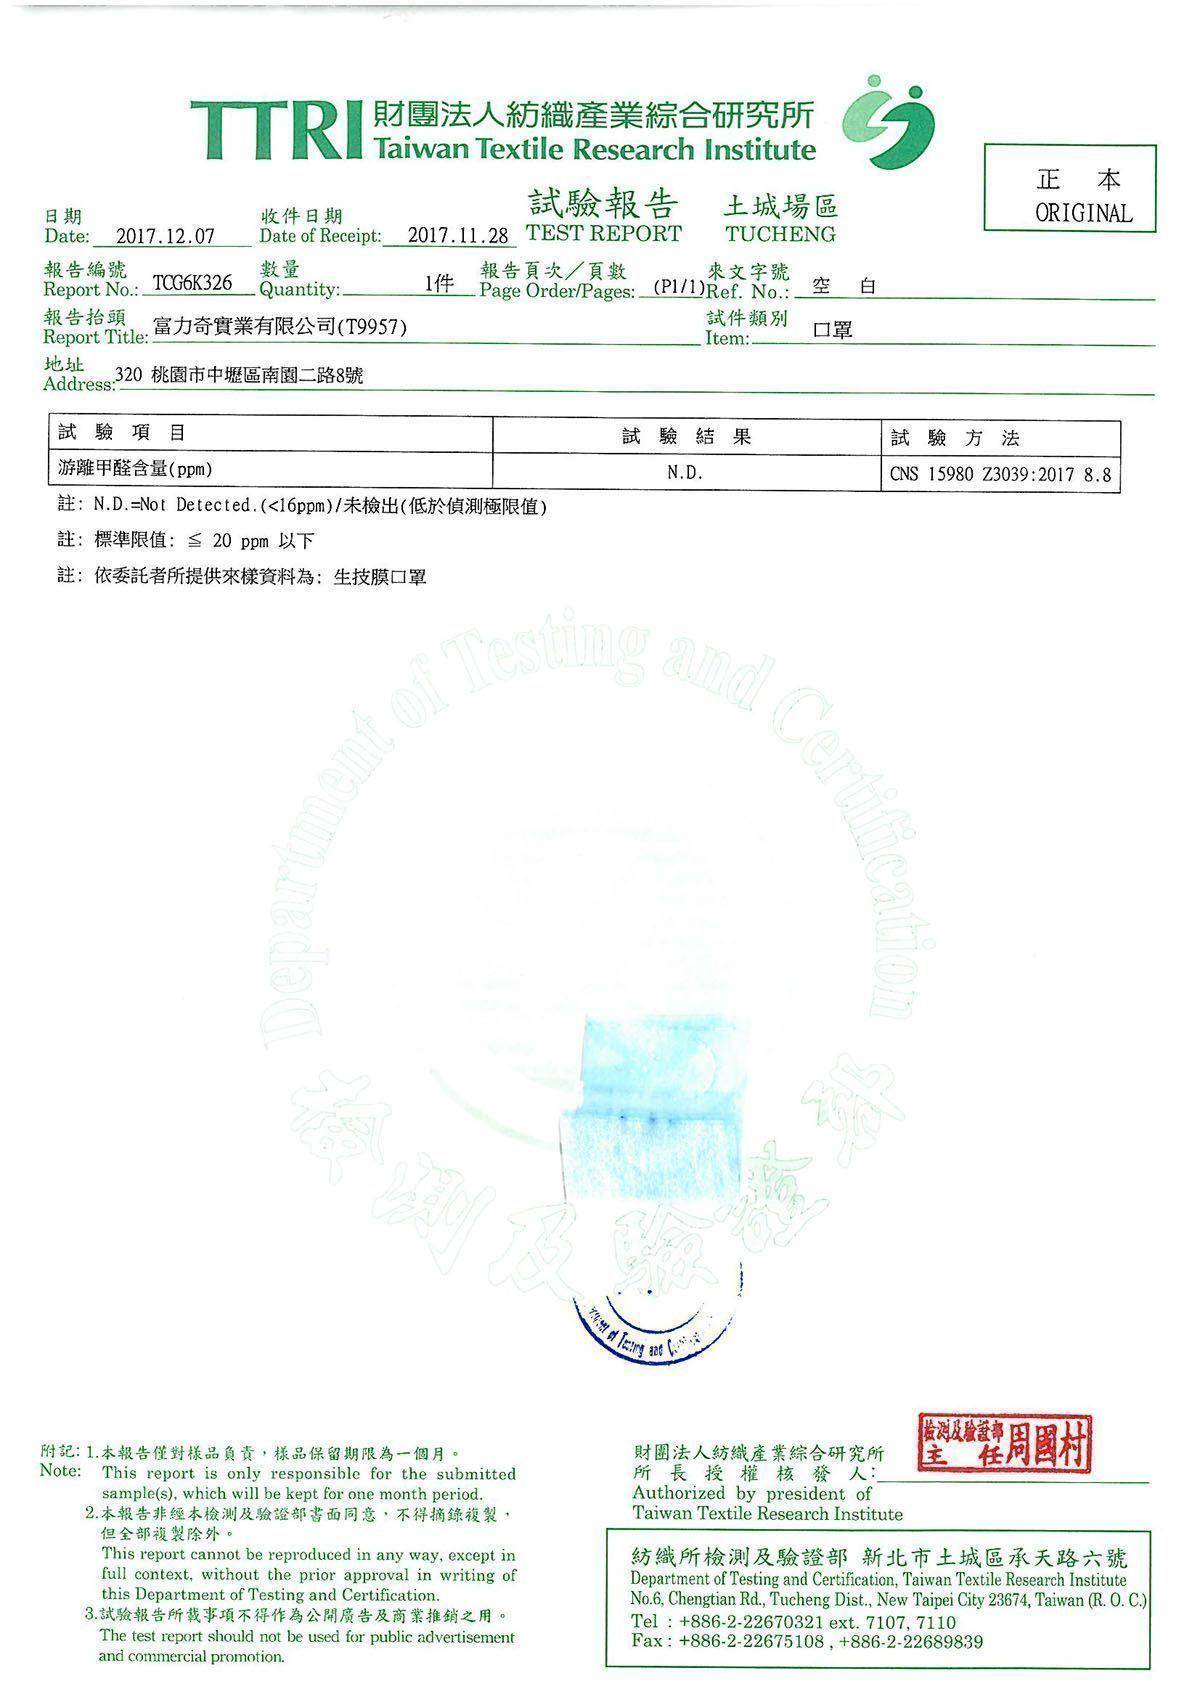 CNS15980_游離甲醛含量